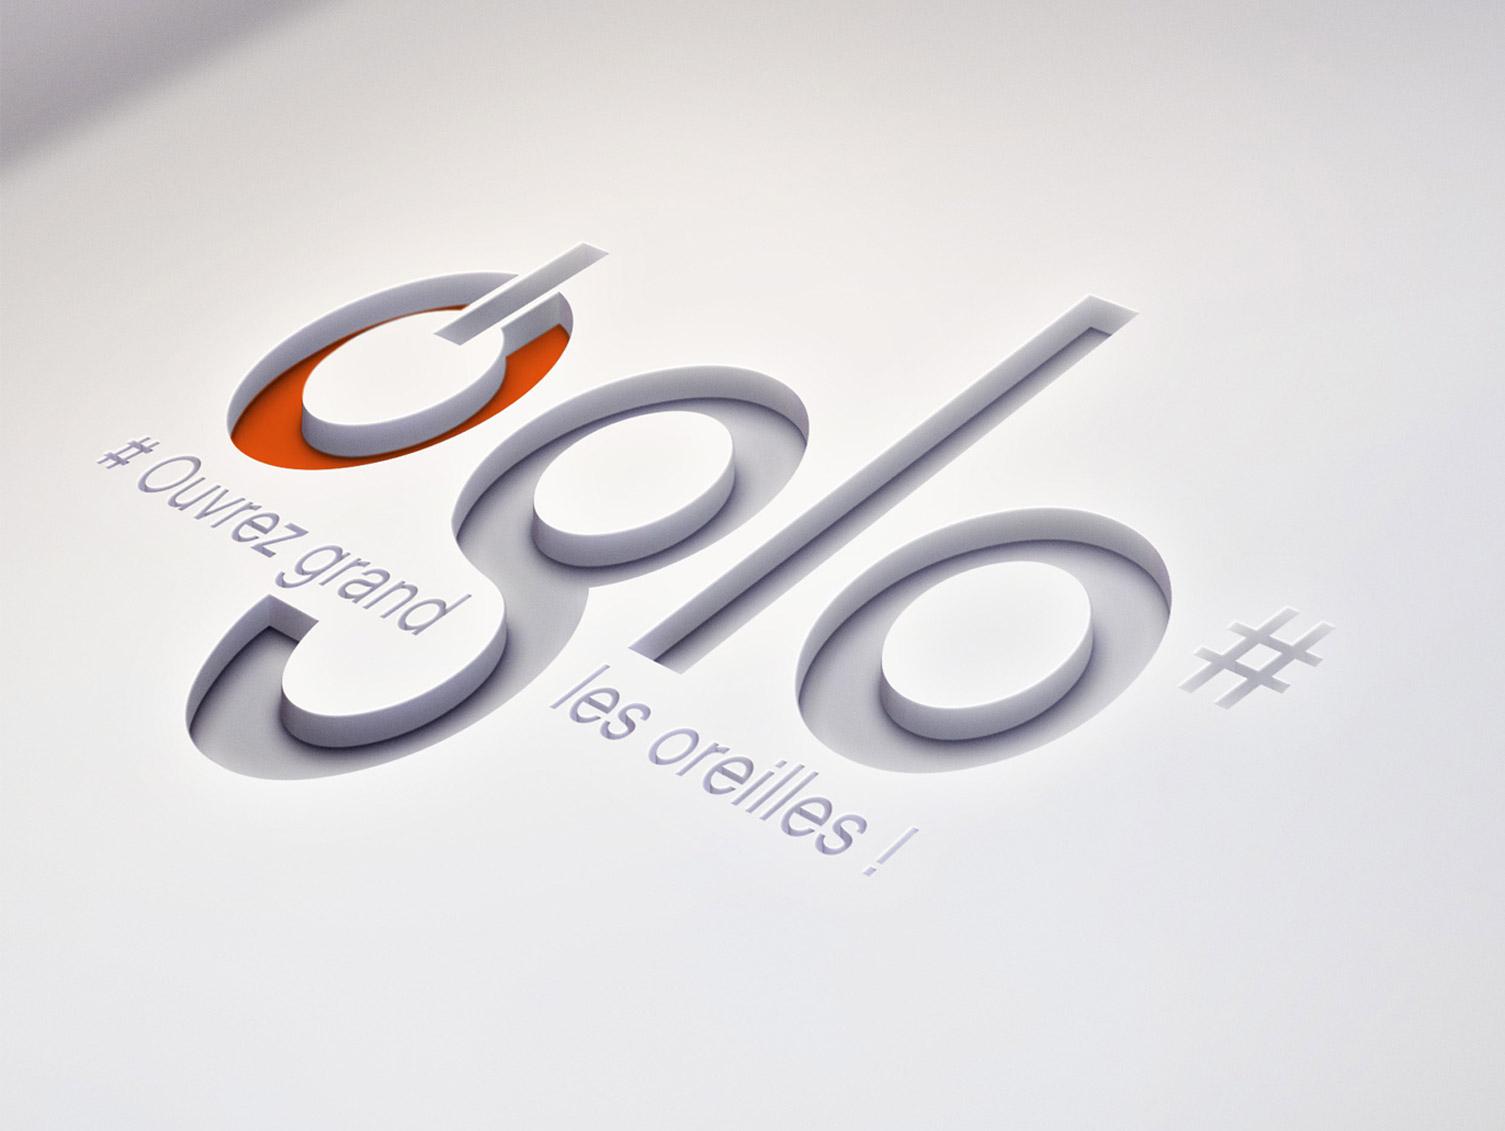 Image logo Oglo packaging Boulanger